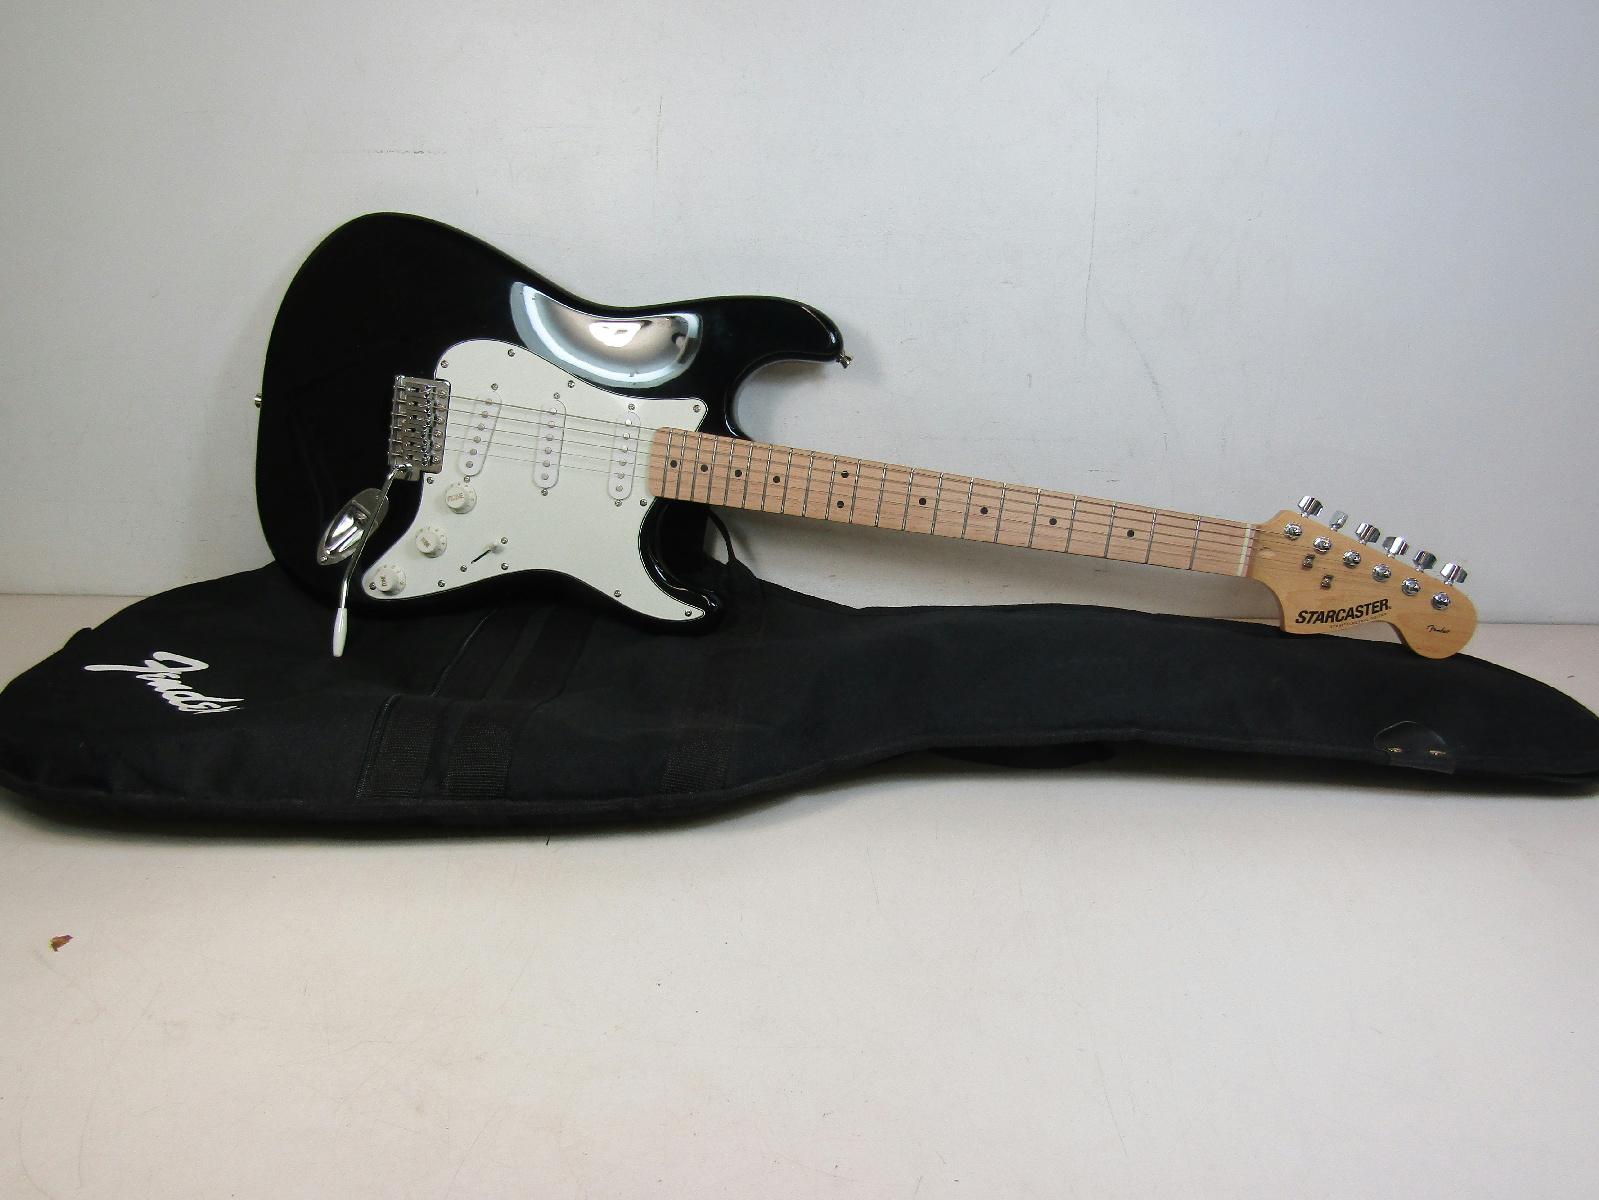 fender starcaster electric guitar black white fender padded gig bag tested ebay. Black Bedroom Furniture Sets. Home Design Ideas